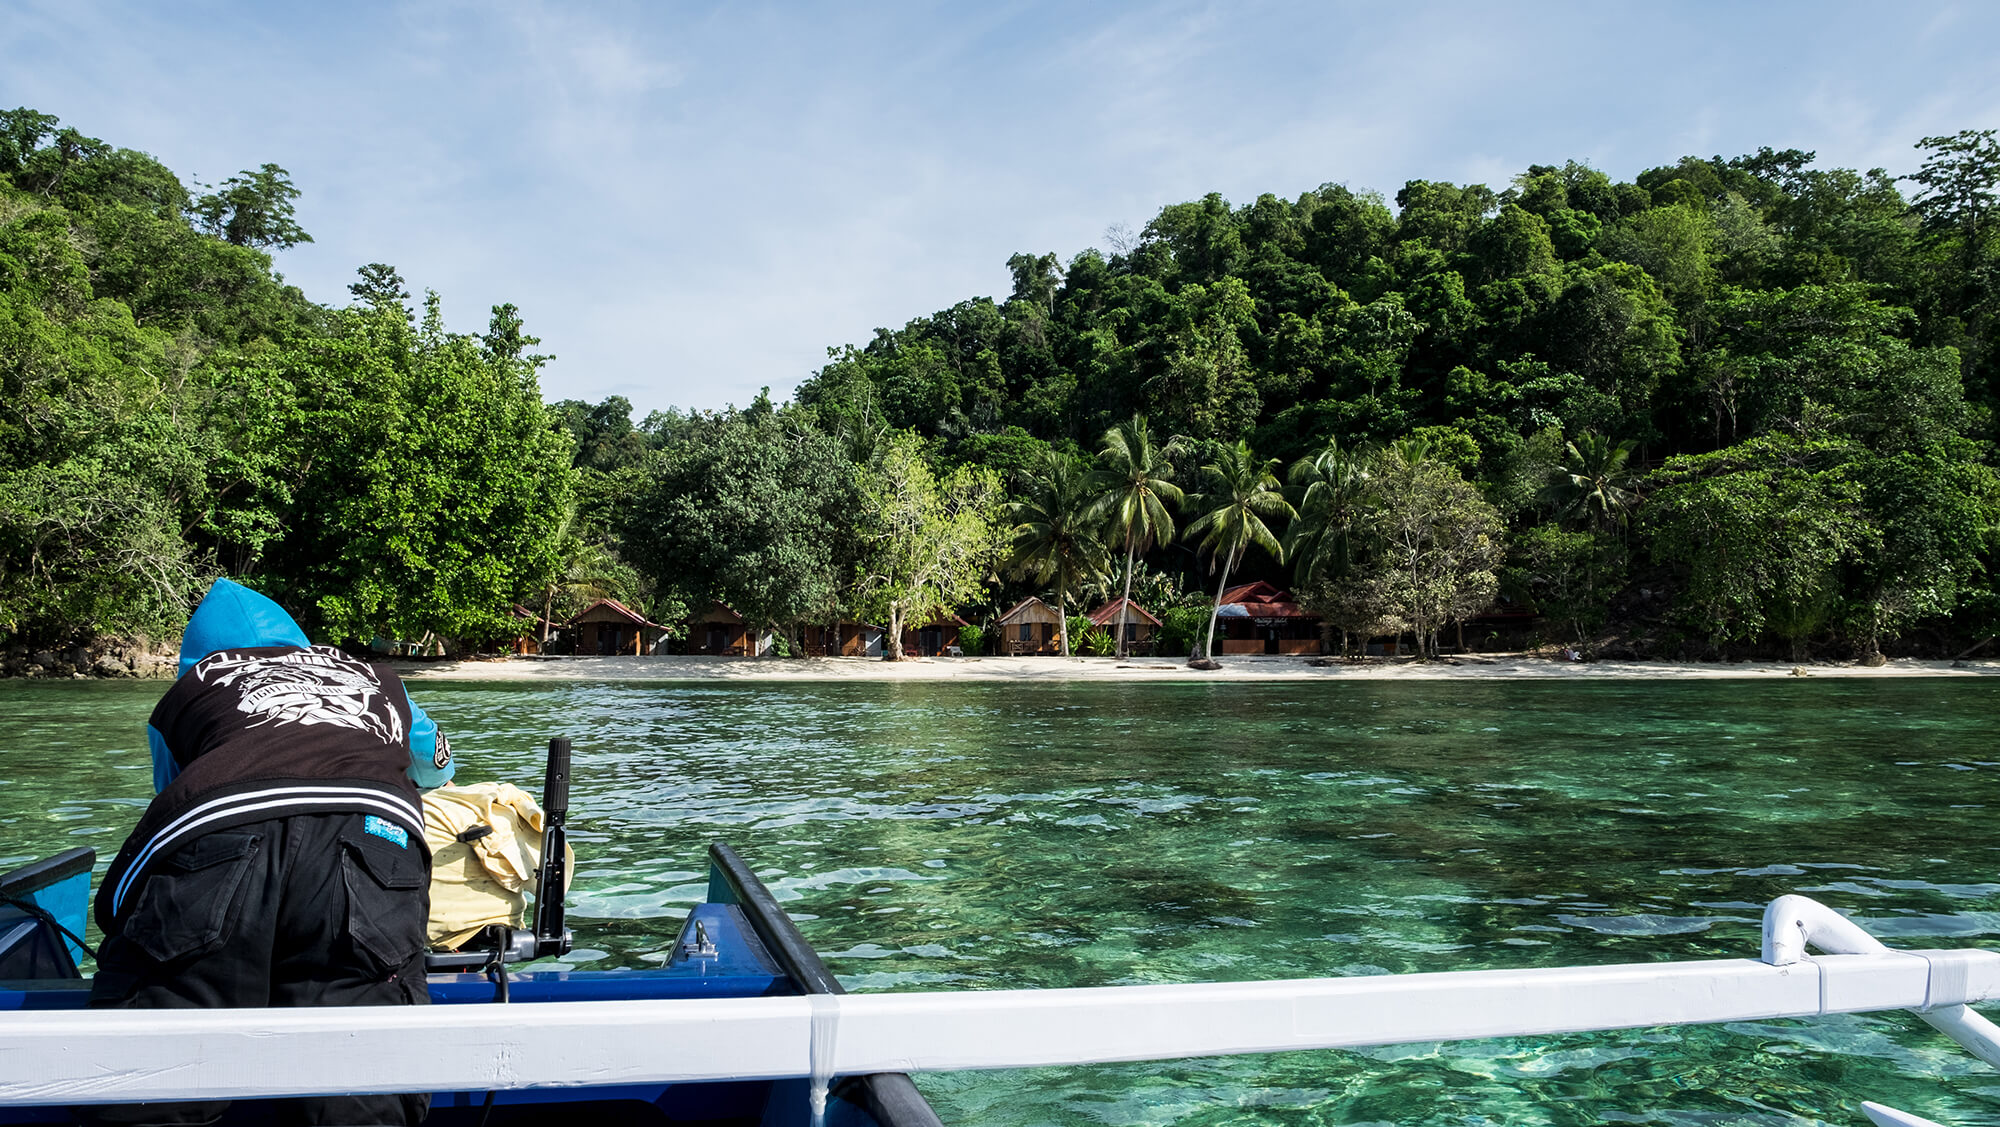 Llegada a la isla de Malenge en las islas Togean